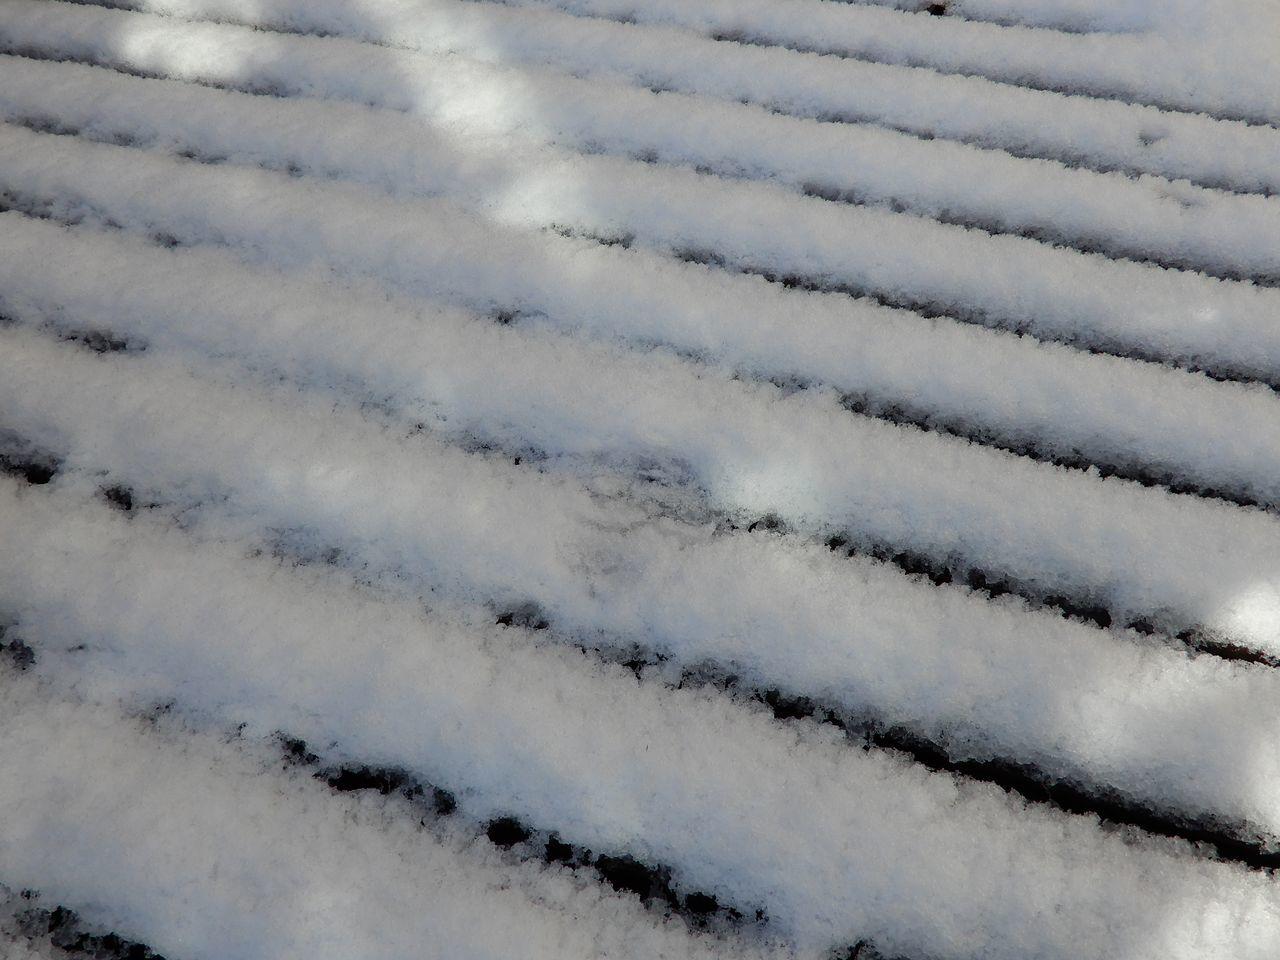 この冬一番の寒い雪景色の朝_c0025115_21115954.jpg